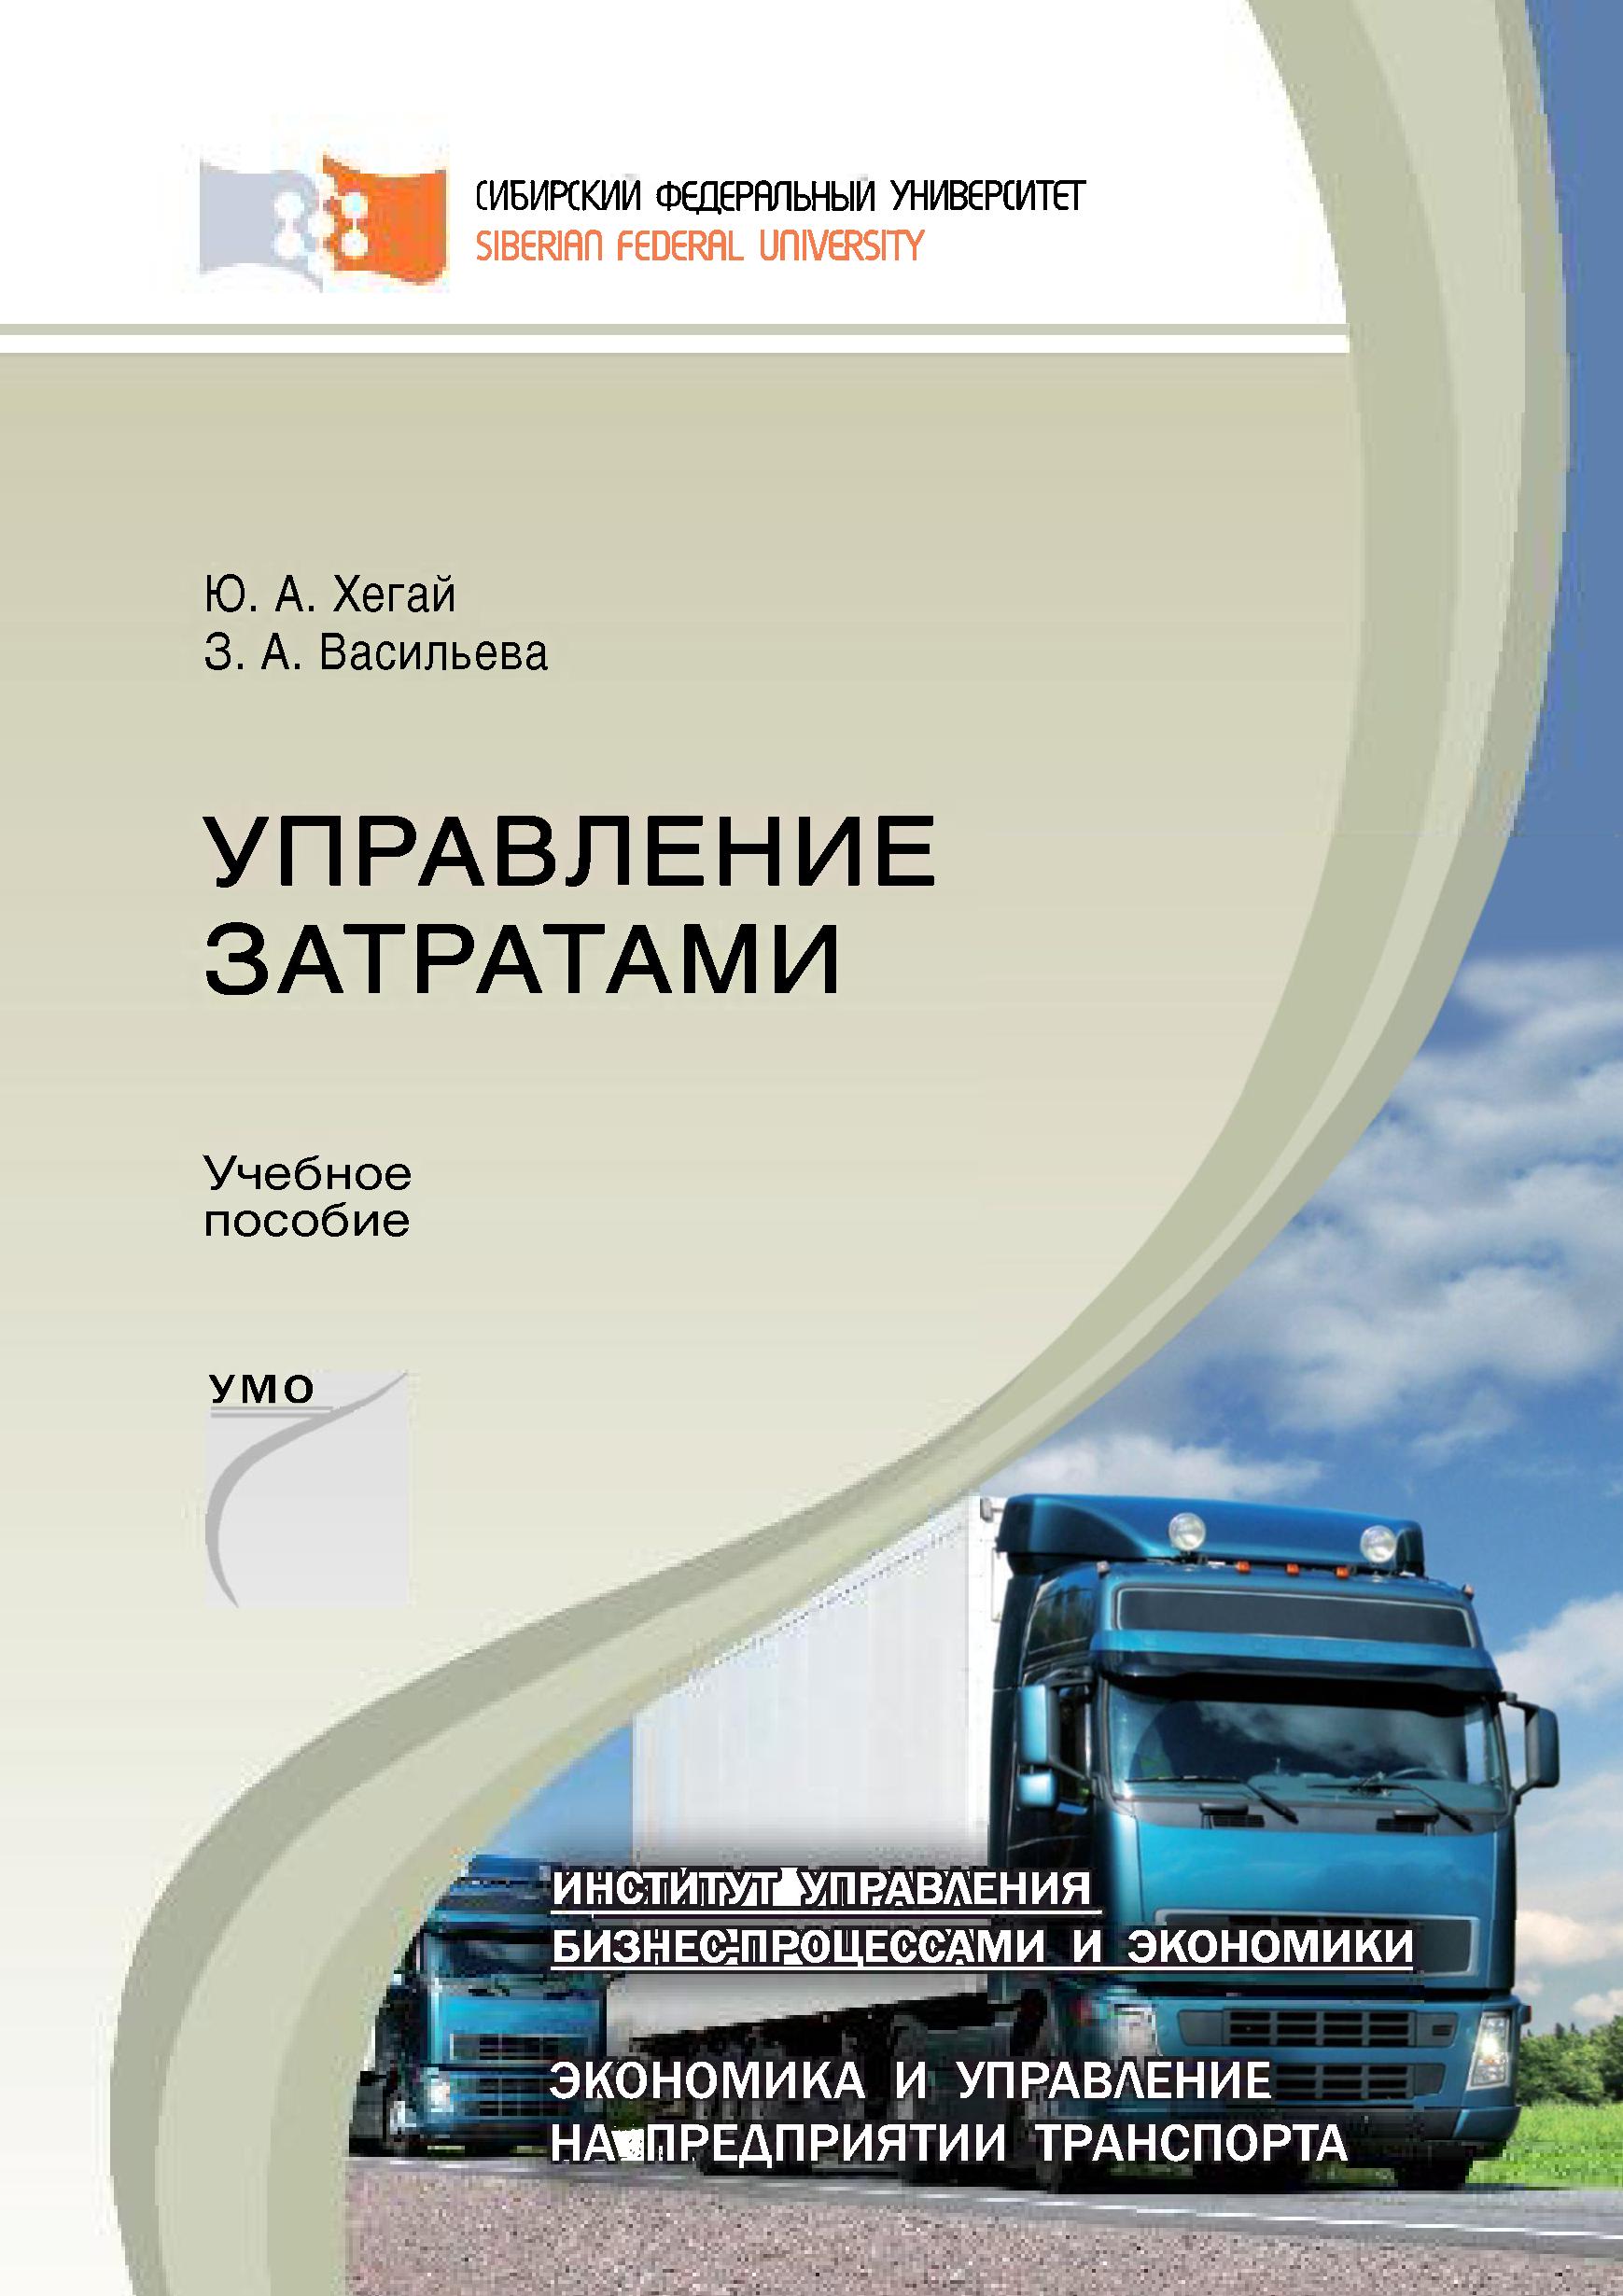 Зоя Васильева Управление затратами и окунева о резервах повышения производительности труда